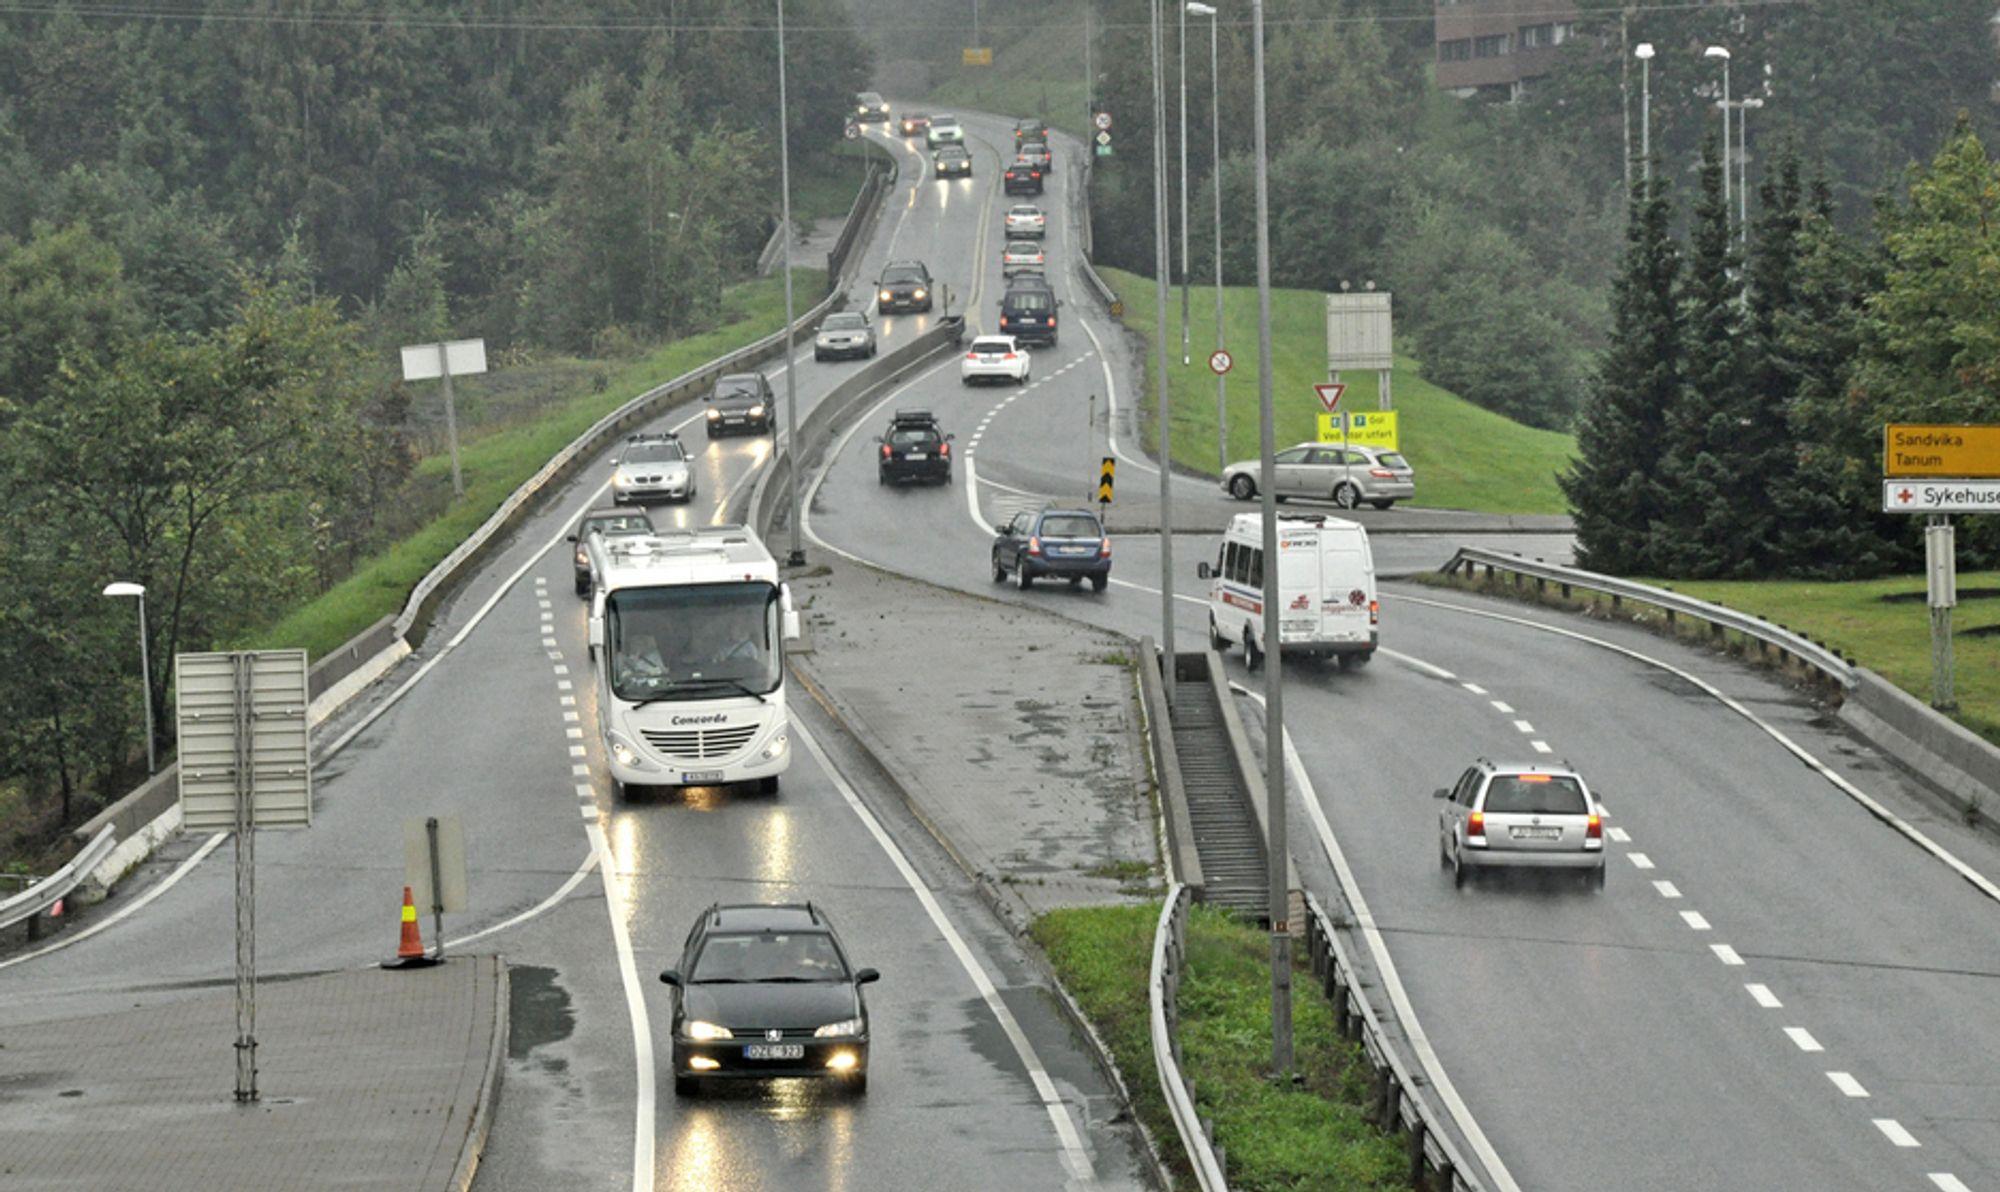 Dette er E 16 like nord for Kjørbotunnelen. I framtida blir det en lokalveg. Den nye E 16 skal gå i tunnel lengre vest. De som vil prosjektere den, må gi anbud innen 17. oktober.